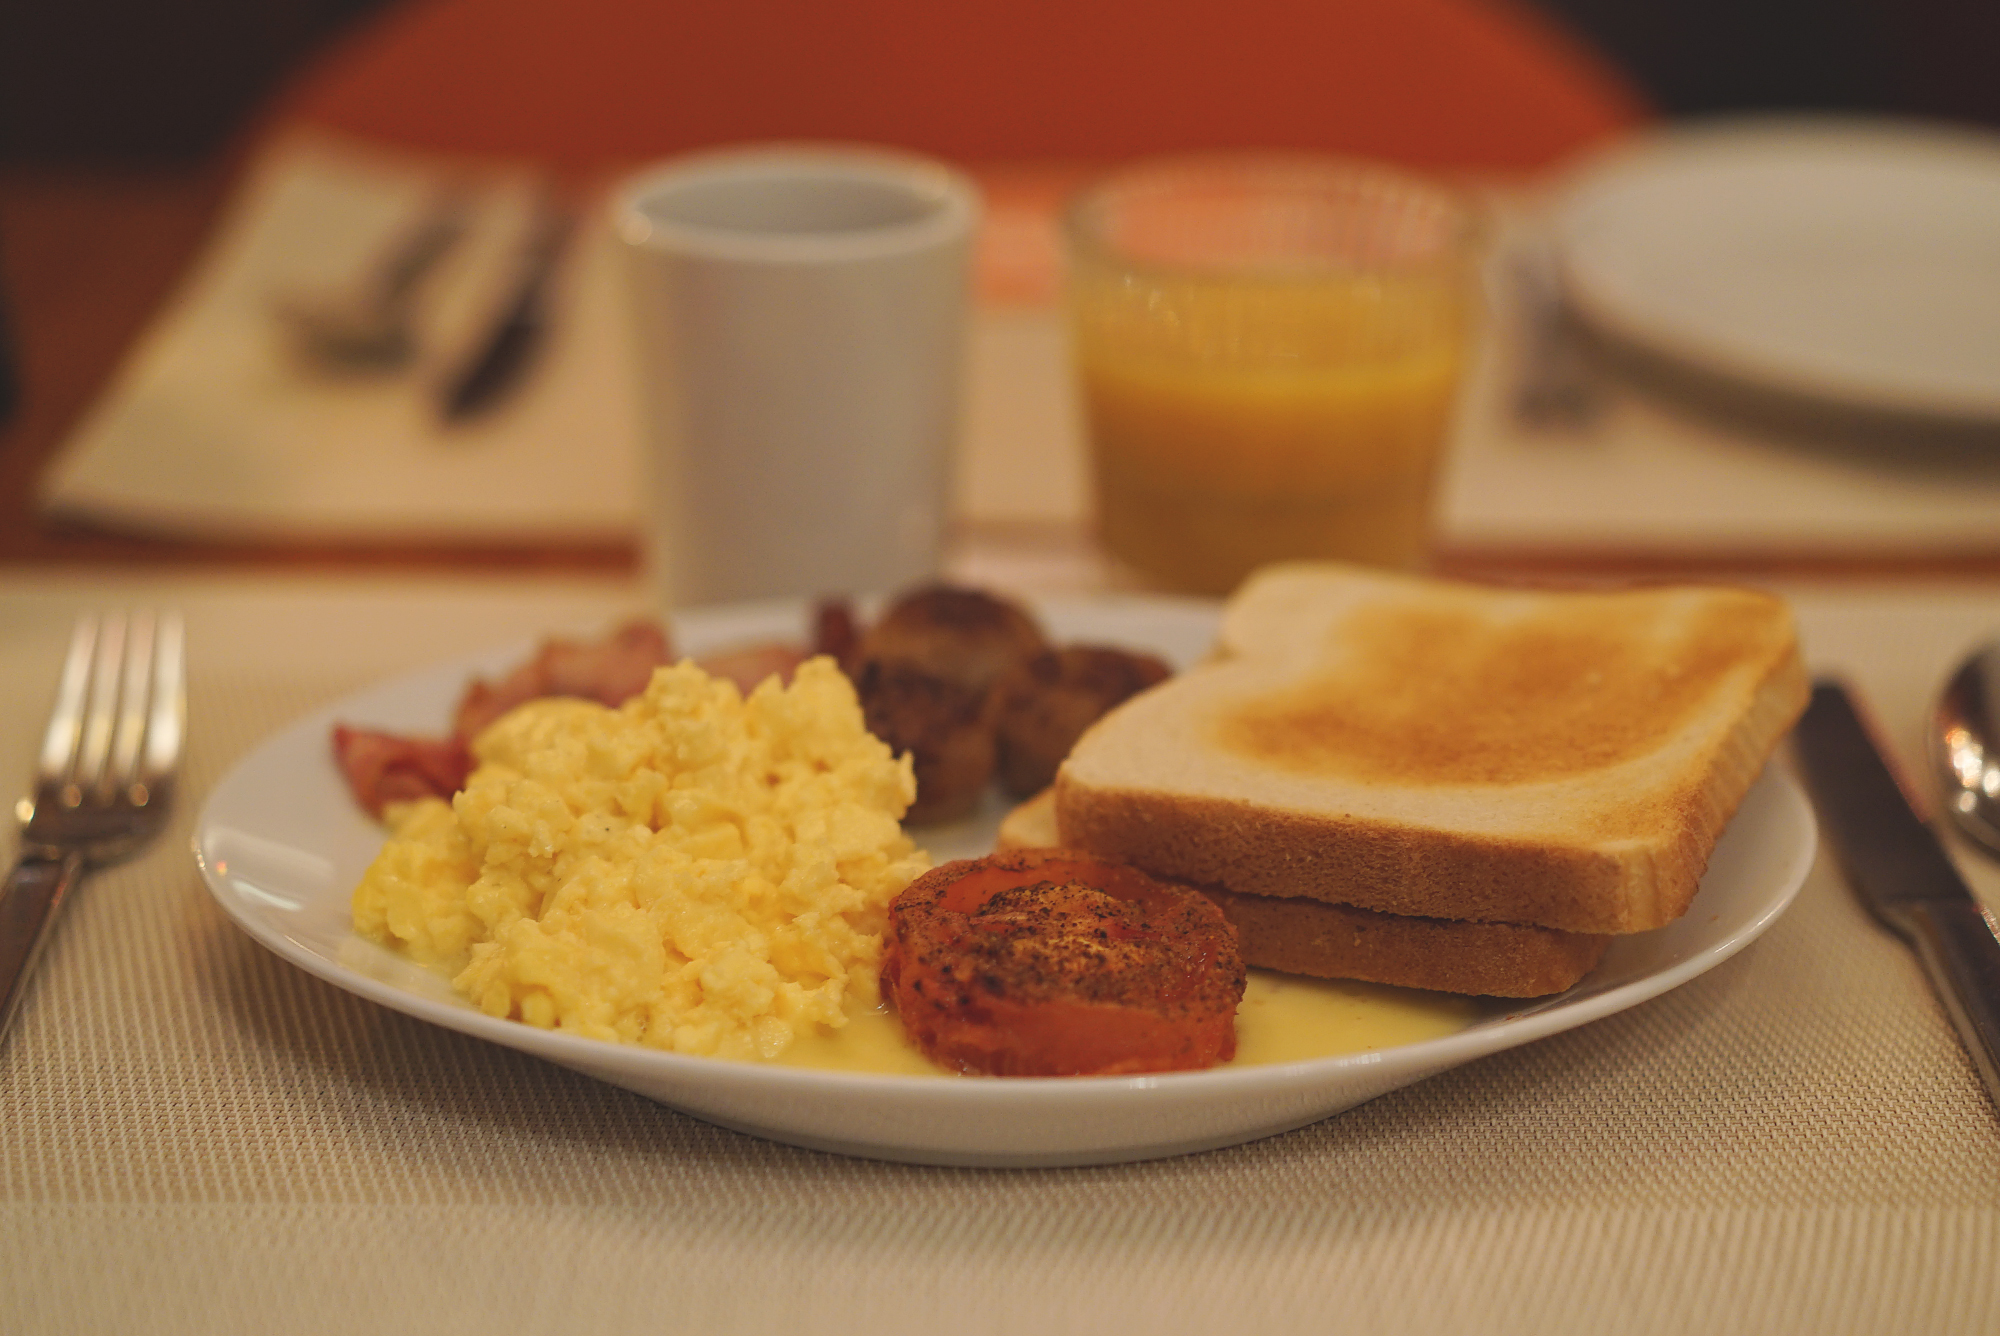 Avalon hotel gothenburg breakfast